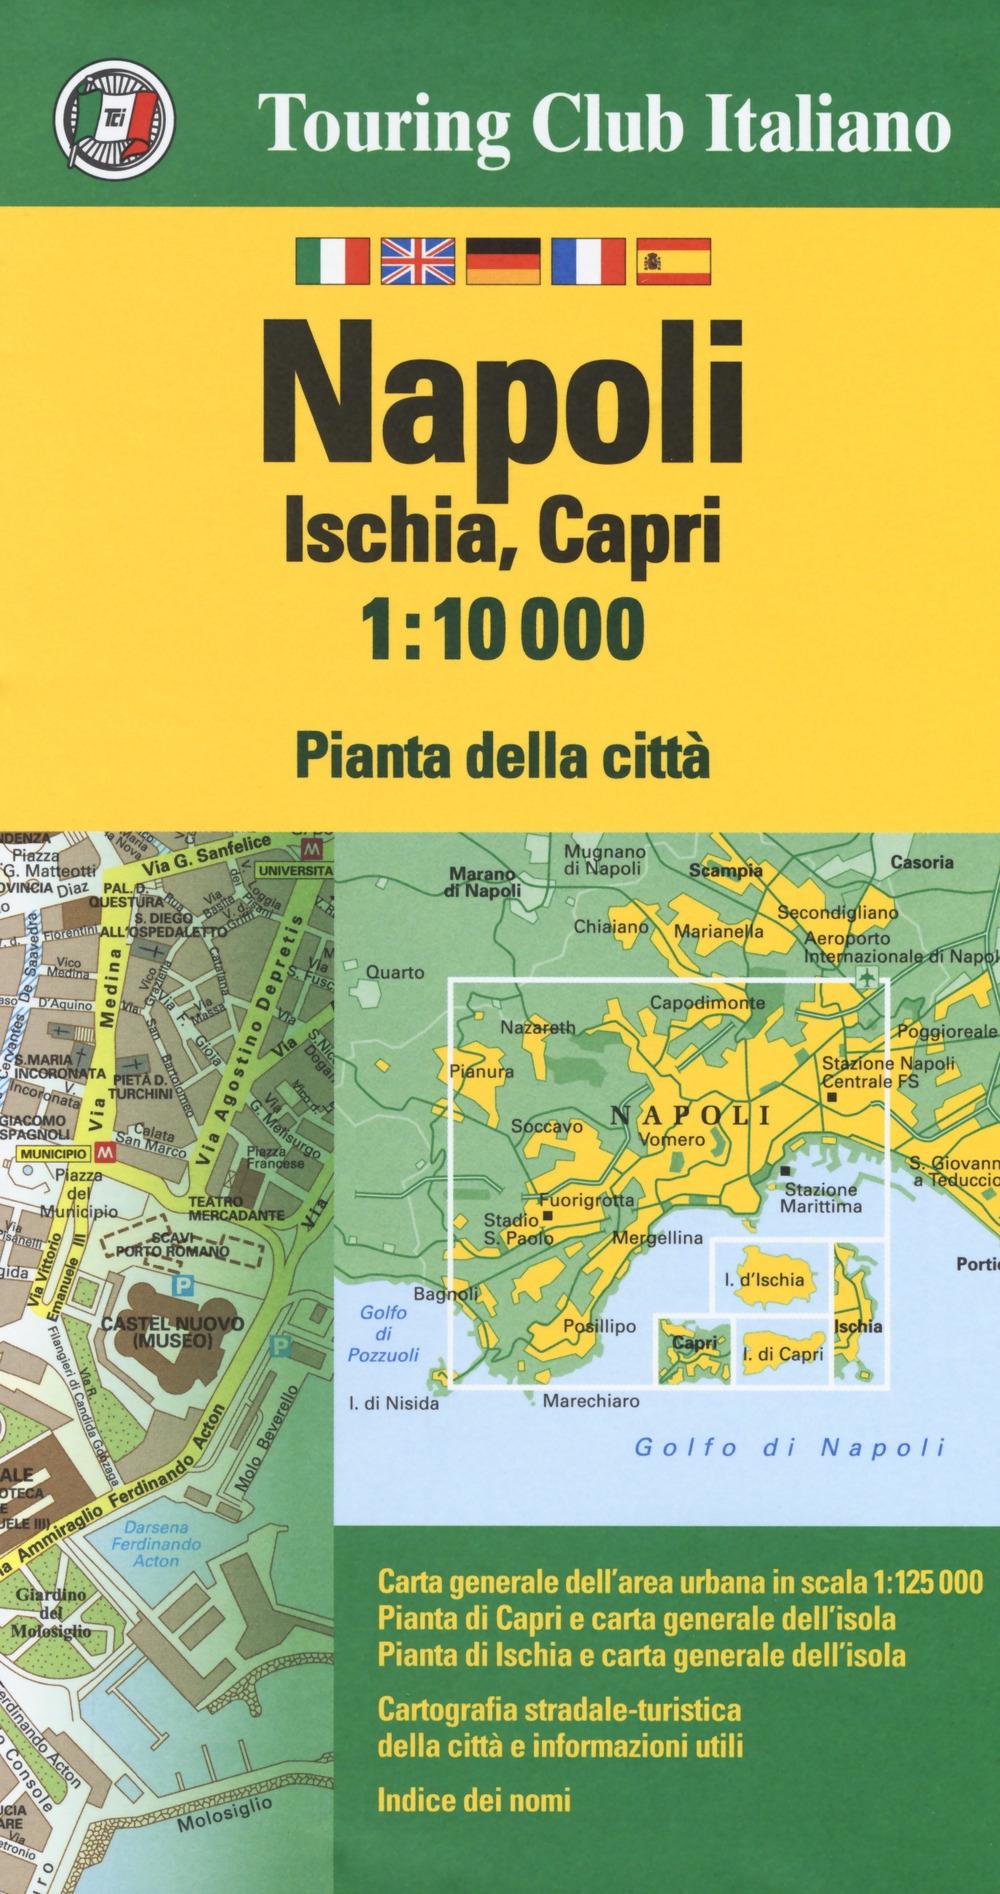 Napoli, Ischia, Capri 1:10.000